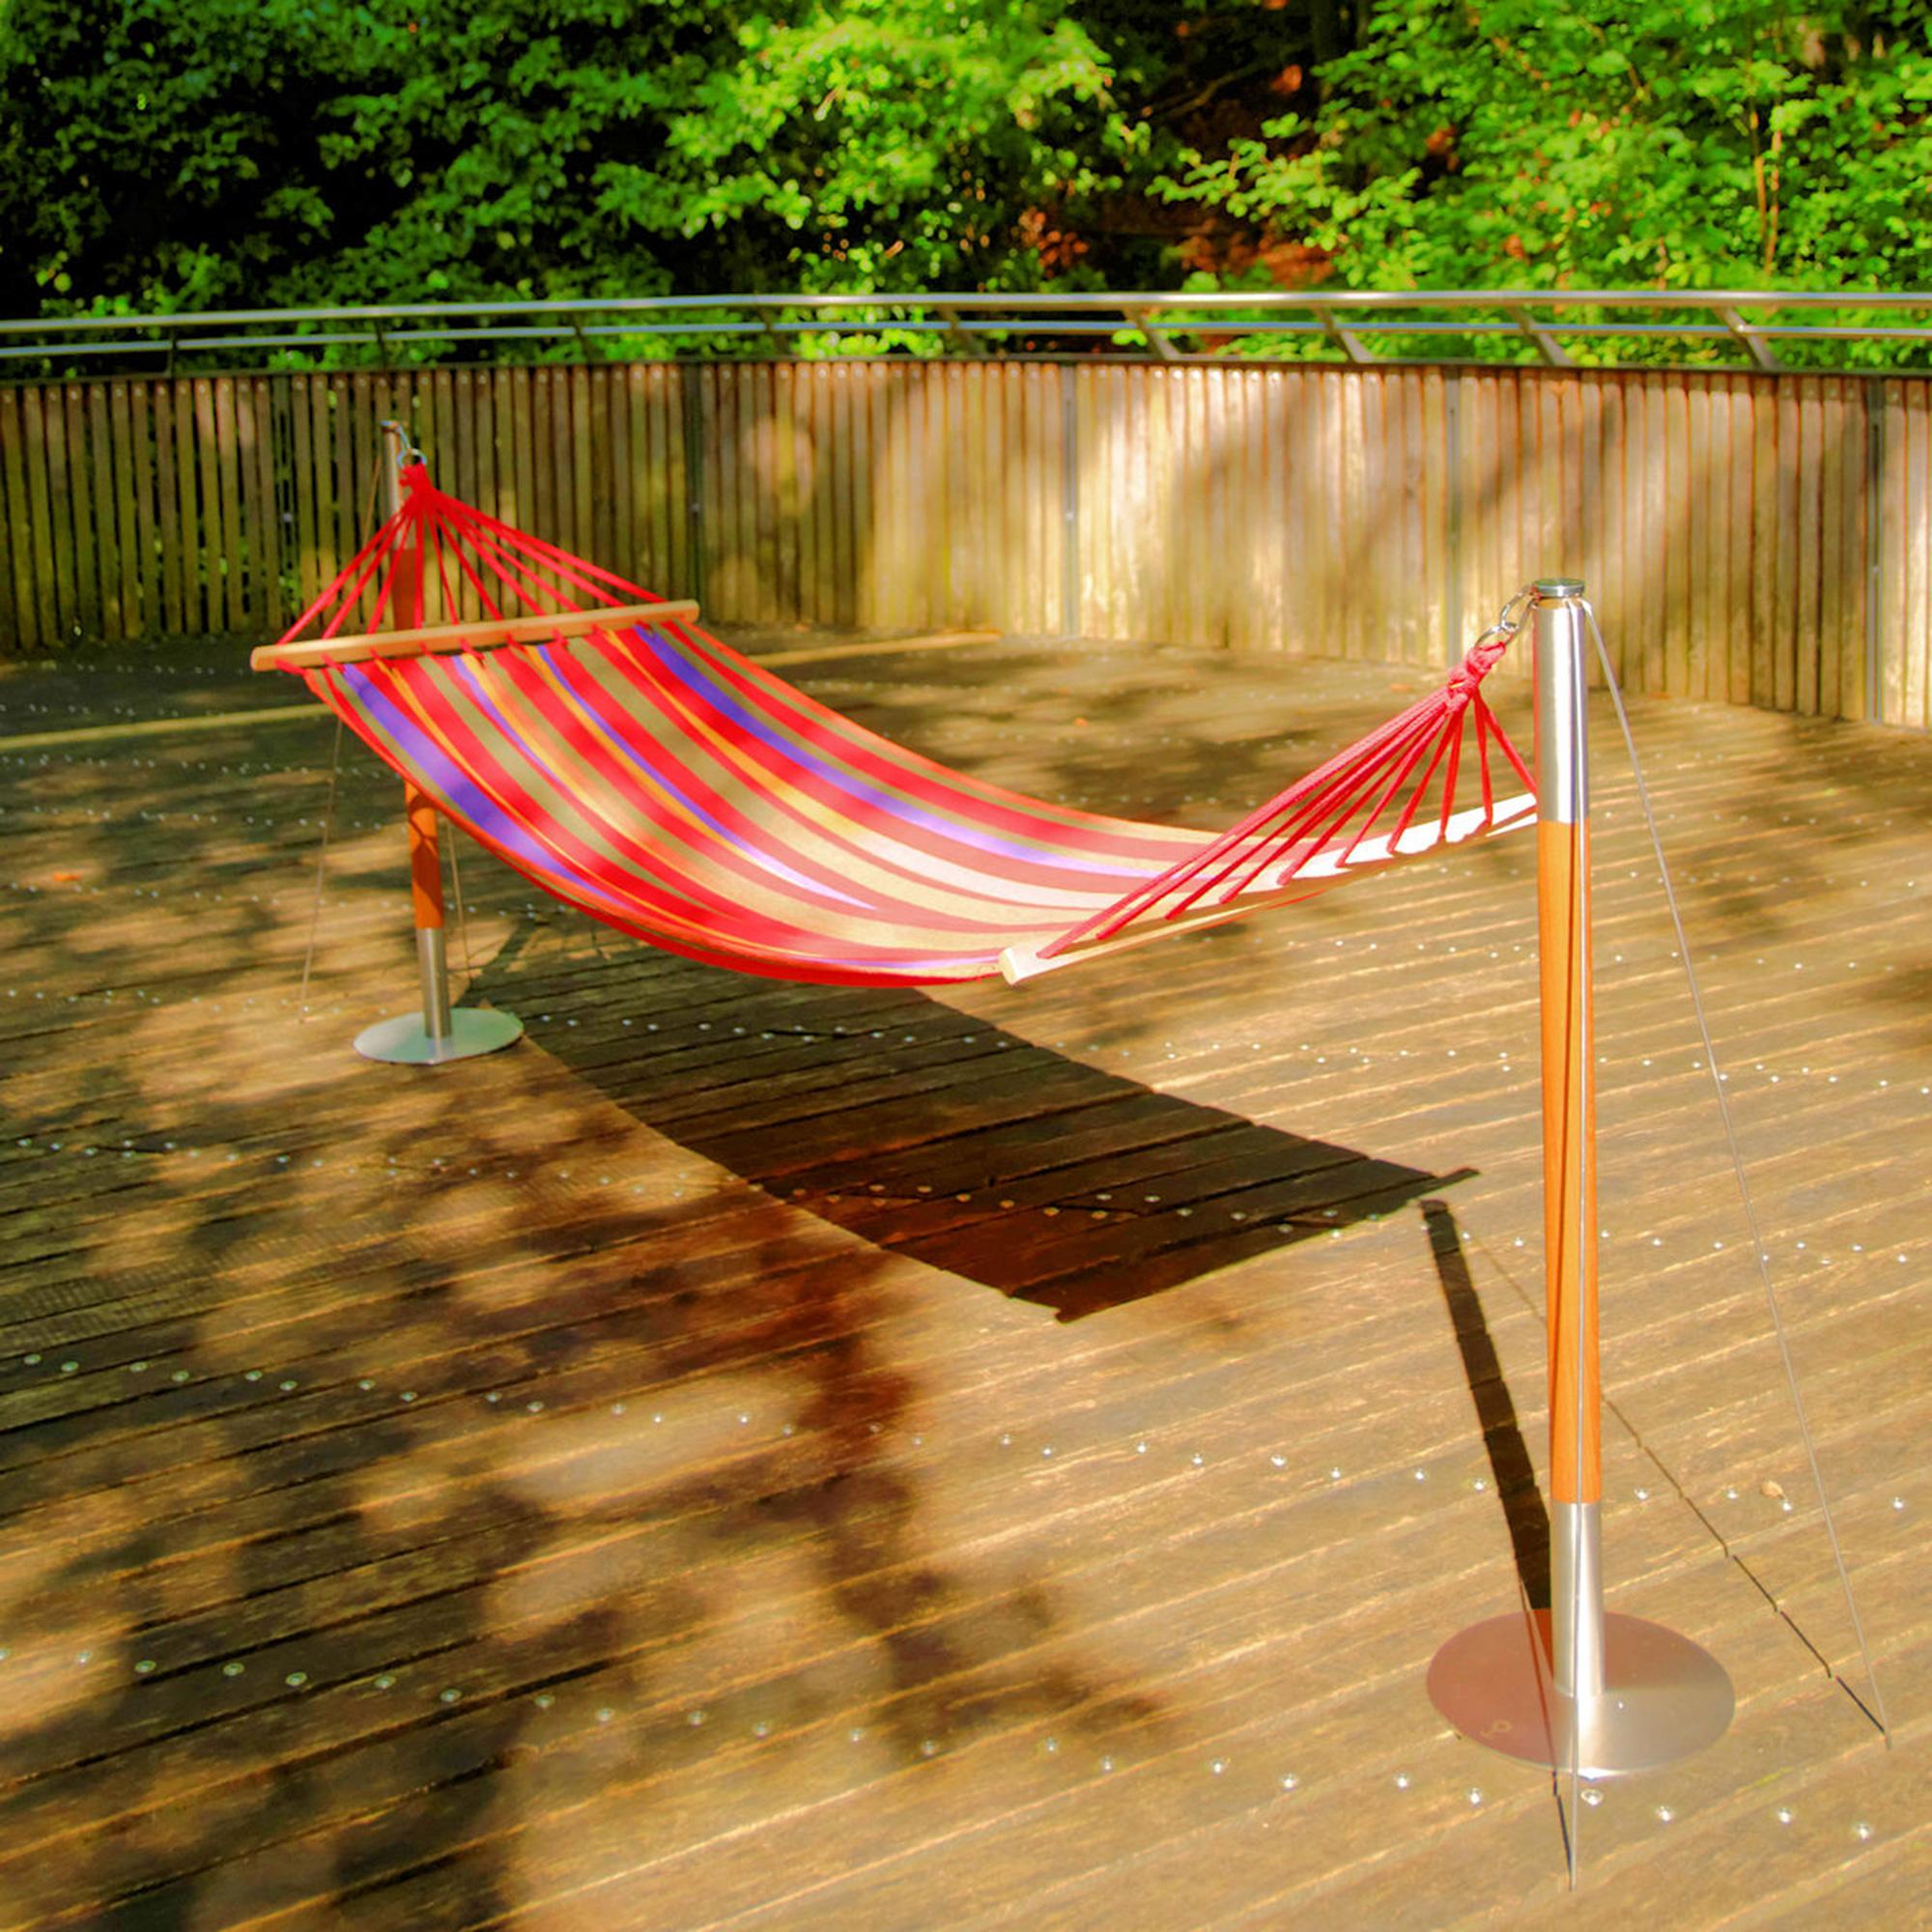 sonnenanker shop neauartiges und sch nes f r holzterrassen. Black Bedroom Furniture Sets. Home Design Ideas